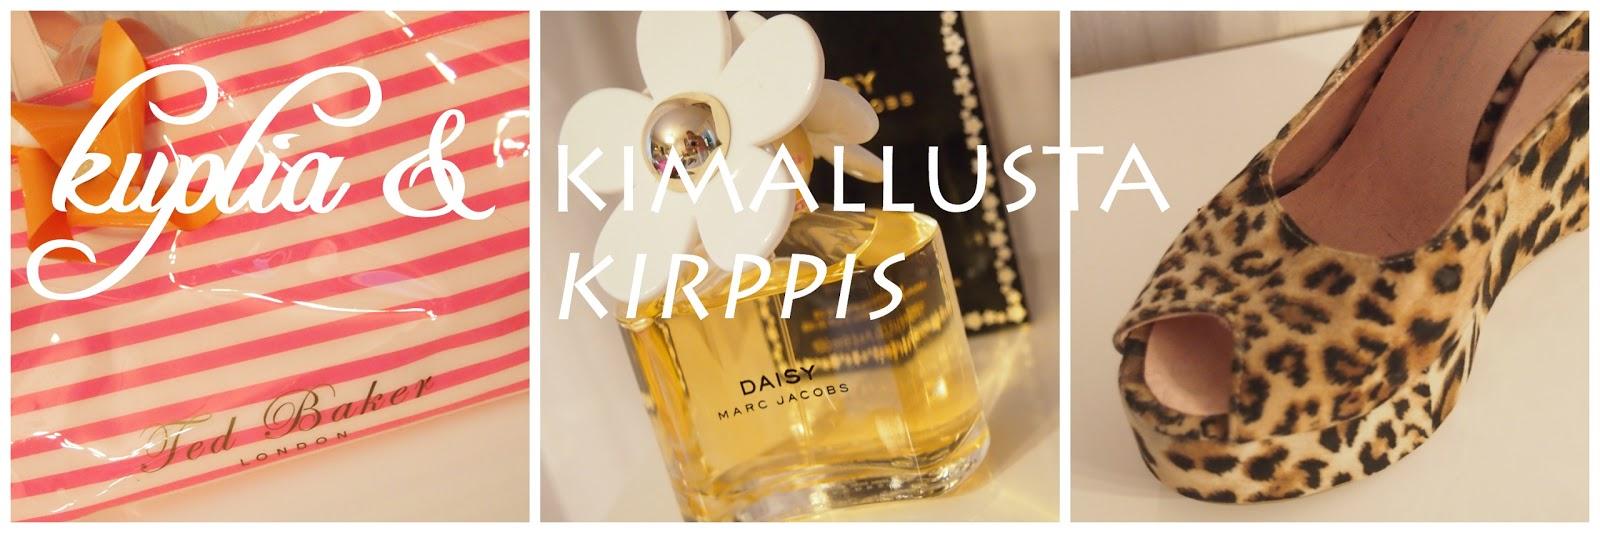 http://kupliajakimallusta.blogspot.fi/p/osta-pois.html